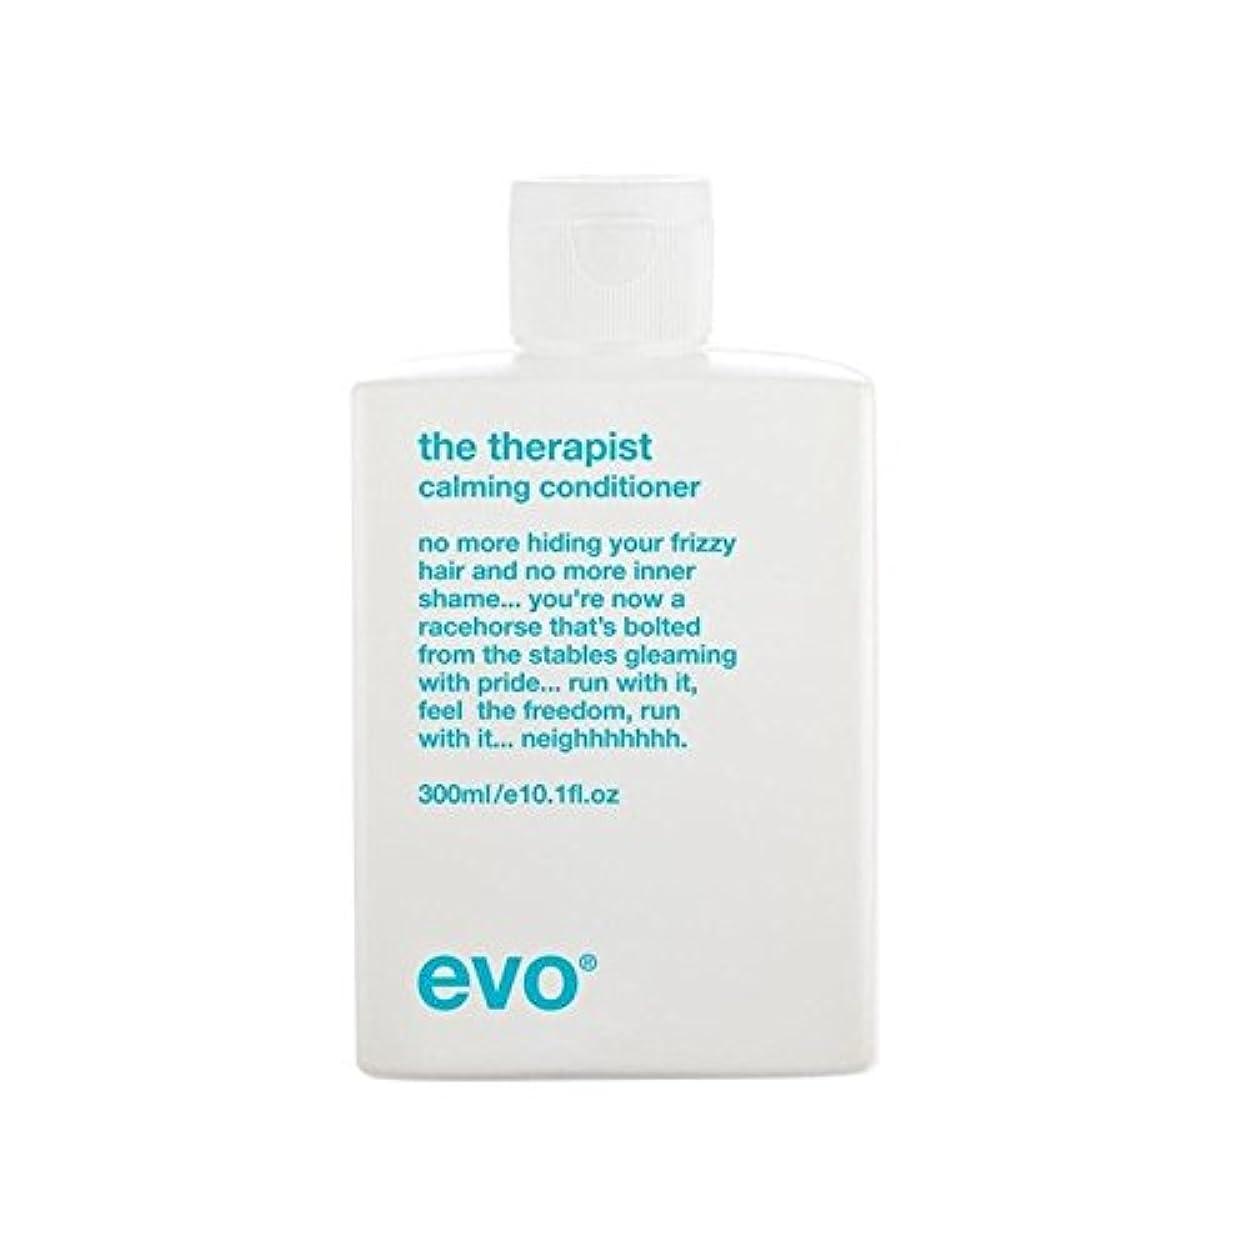 組み込む金額レッスンセラピスト沈静コンディショナー(300ミリリットル) x4 - Evo The Therapist Calming Conditioner (300ml) (Pack of 4) [並行輸入品]